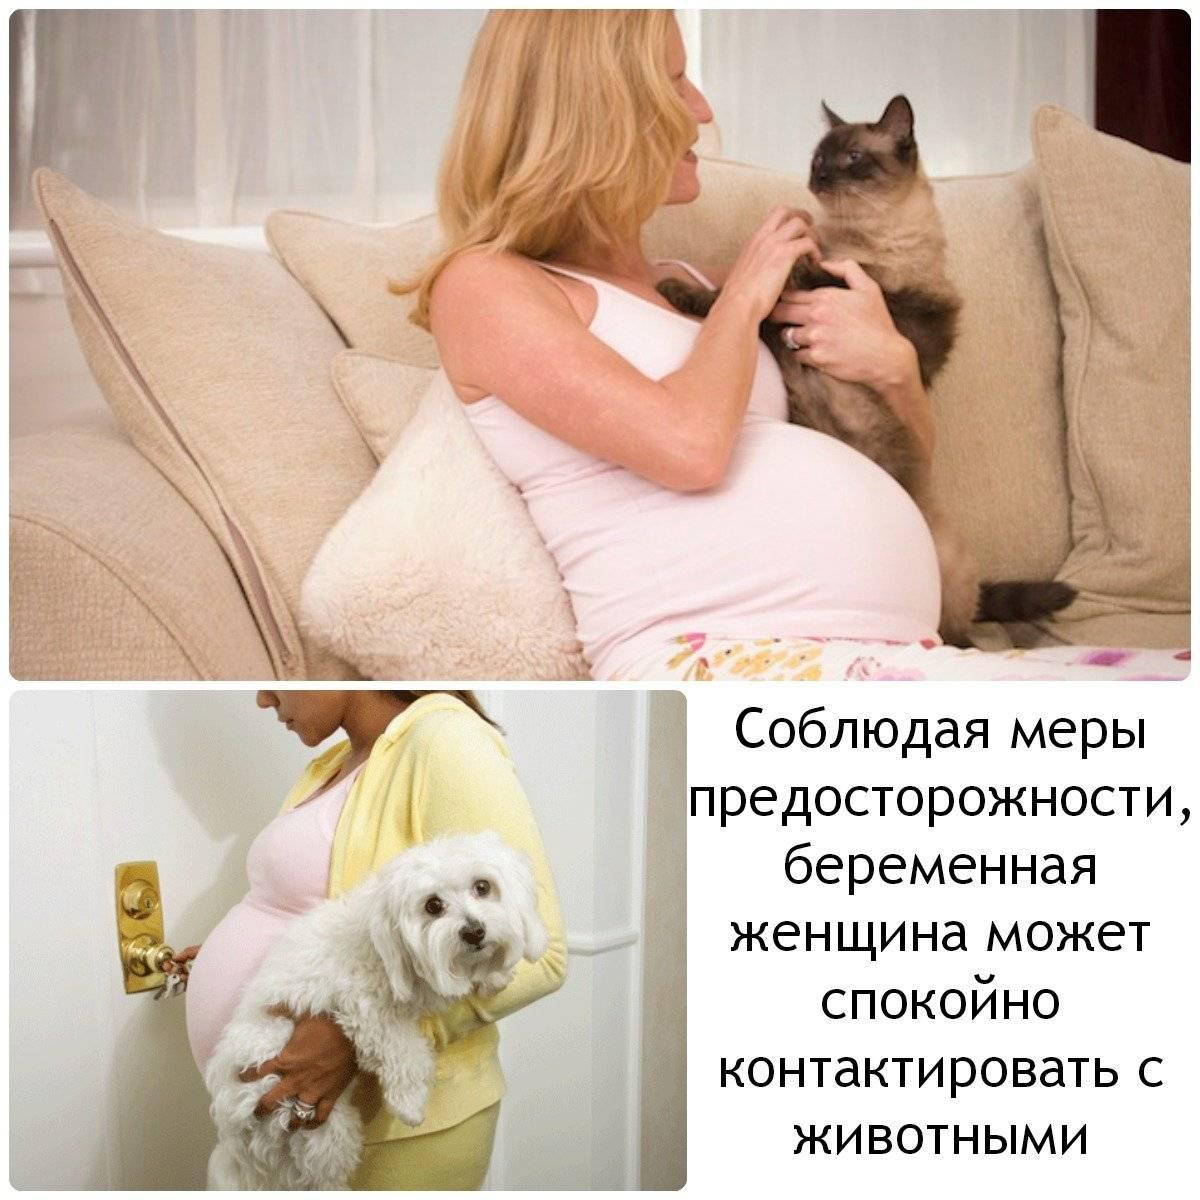 Можно ли беременным жить с котом. существует ли опасность для беременной женщины, если в доме живёт кошка